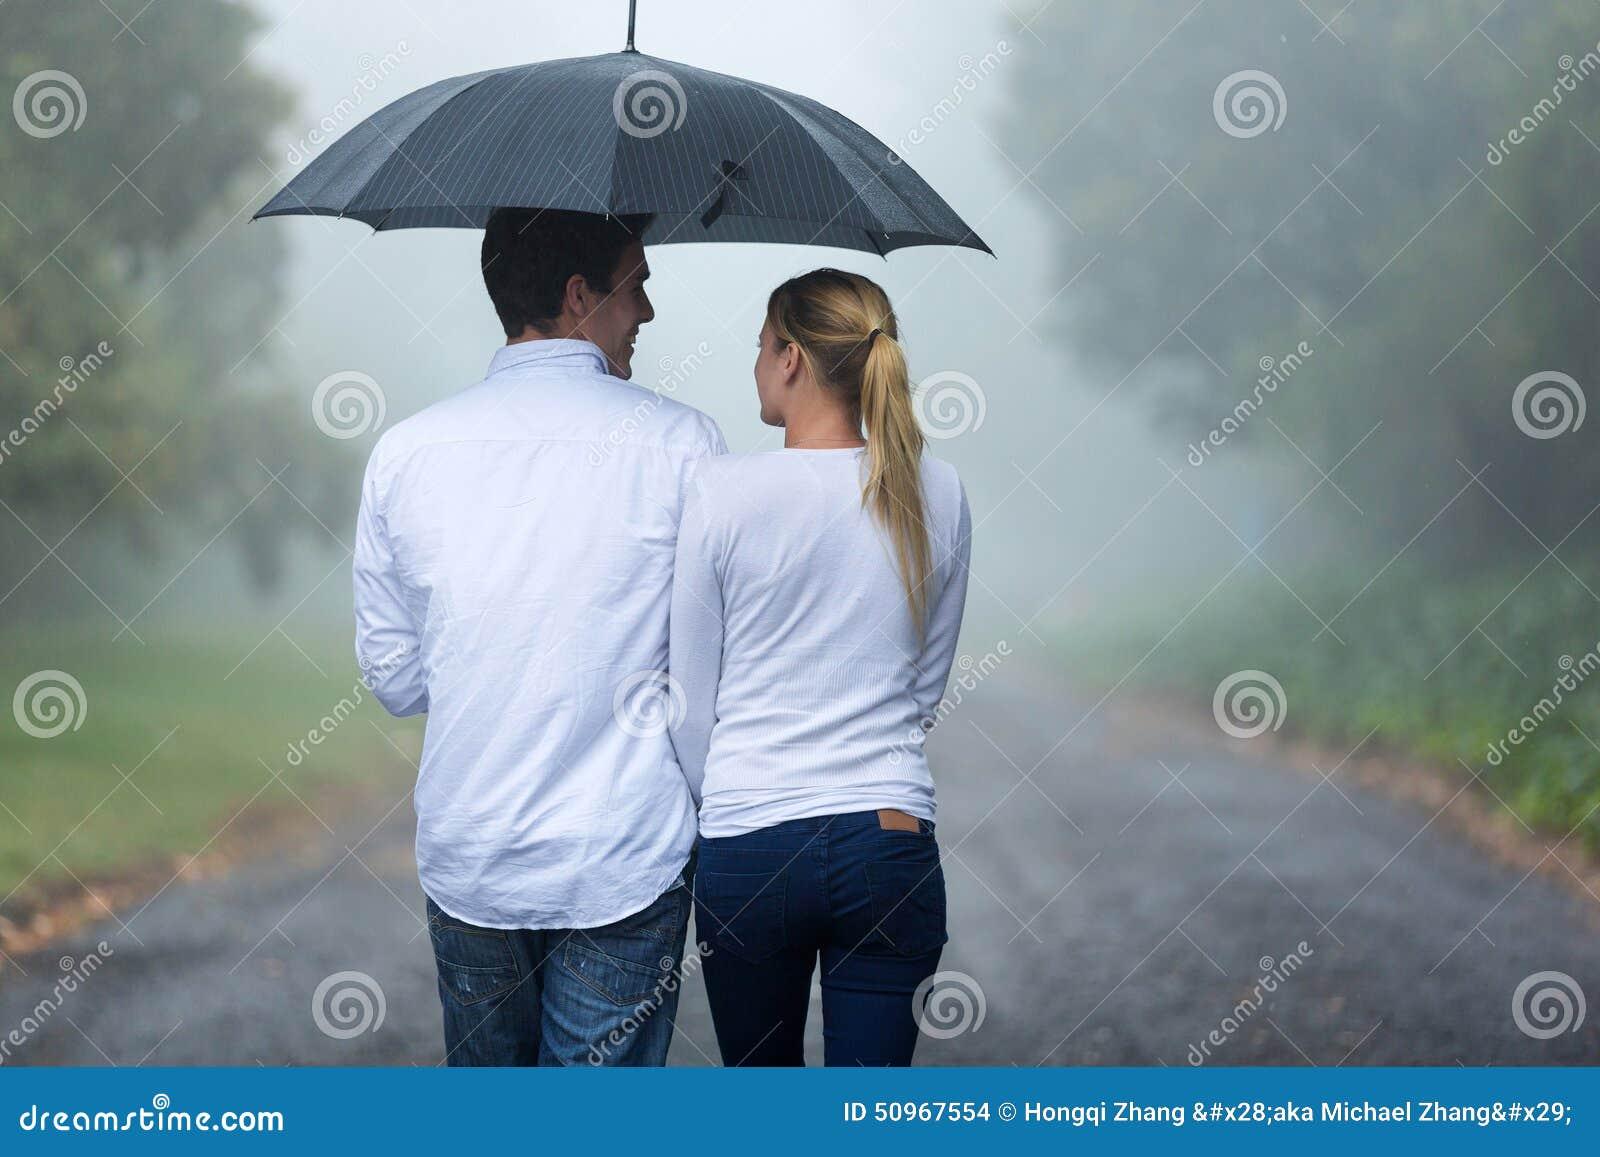 Paar het lopen regen